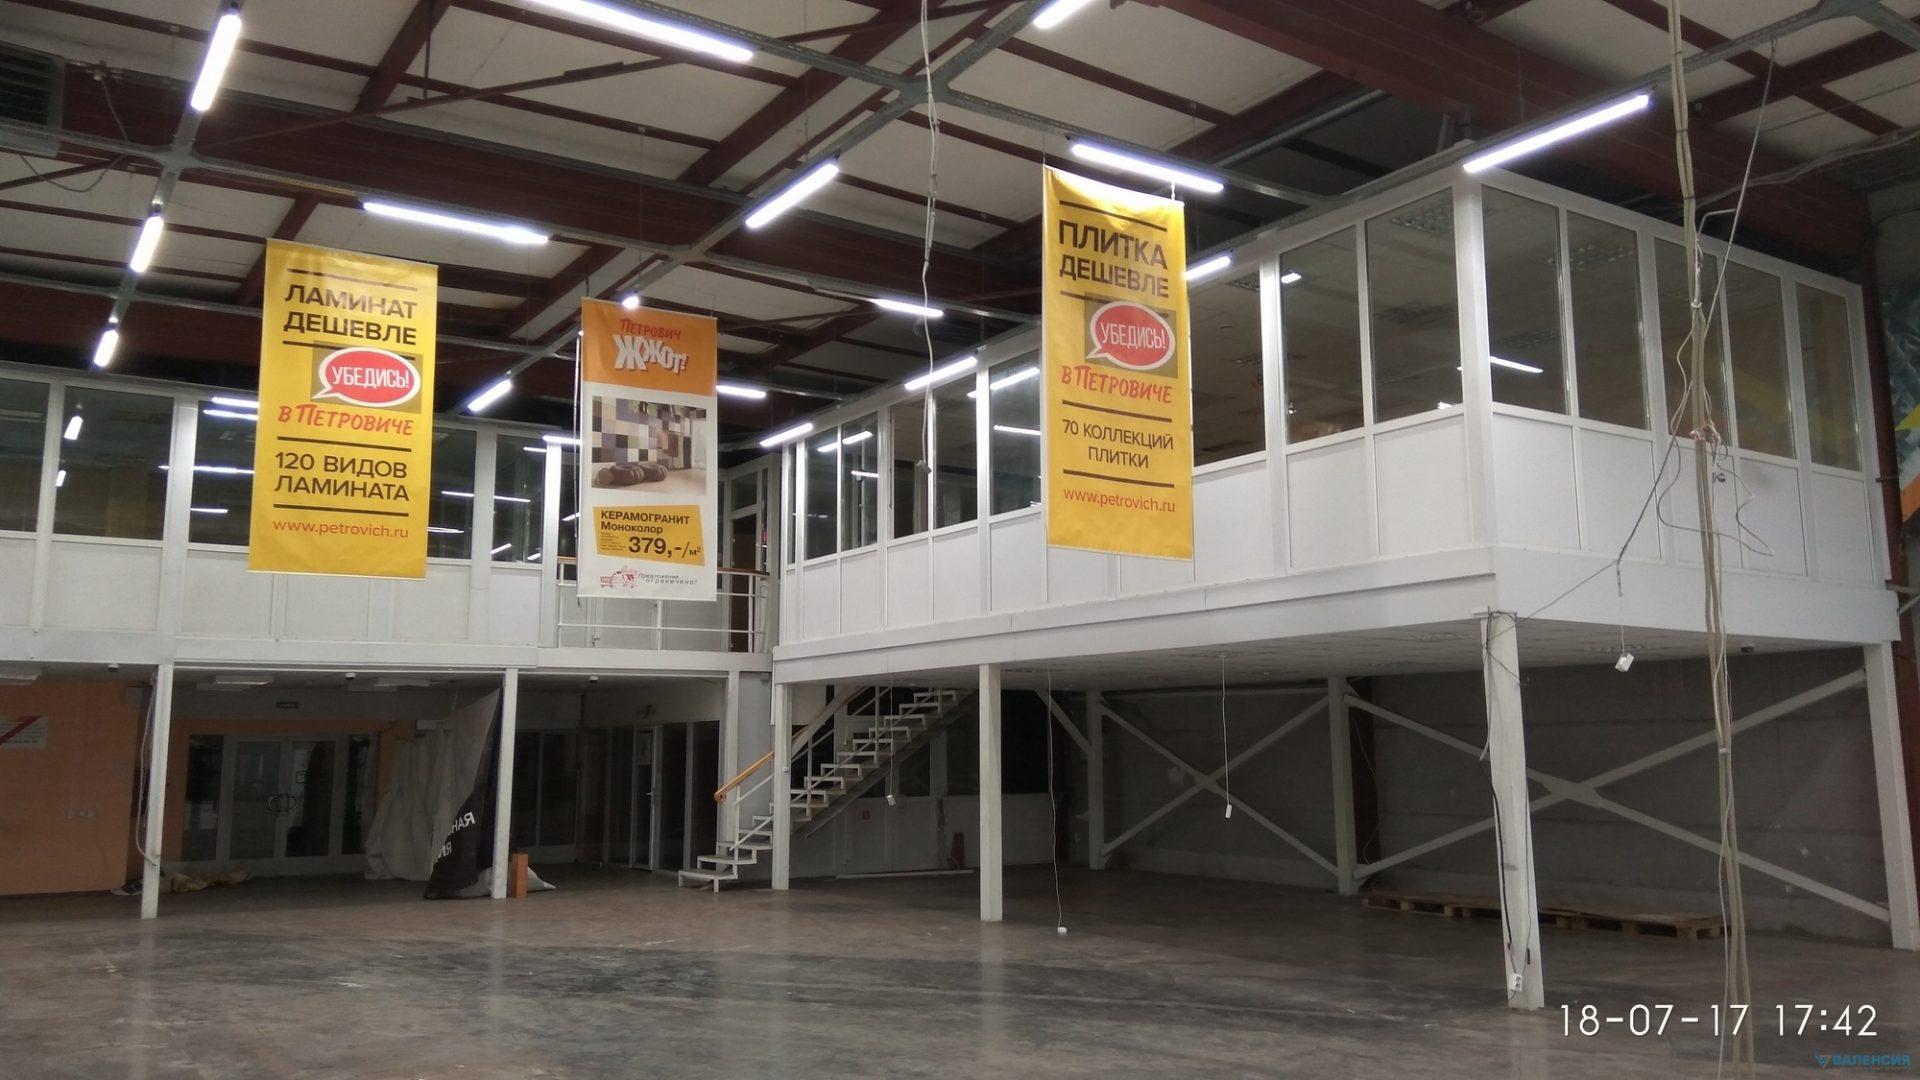 Продается комплекс помещений на земельном участке 9252м2, ул. Салова, д.46